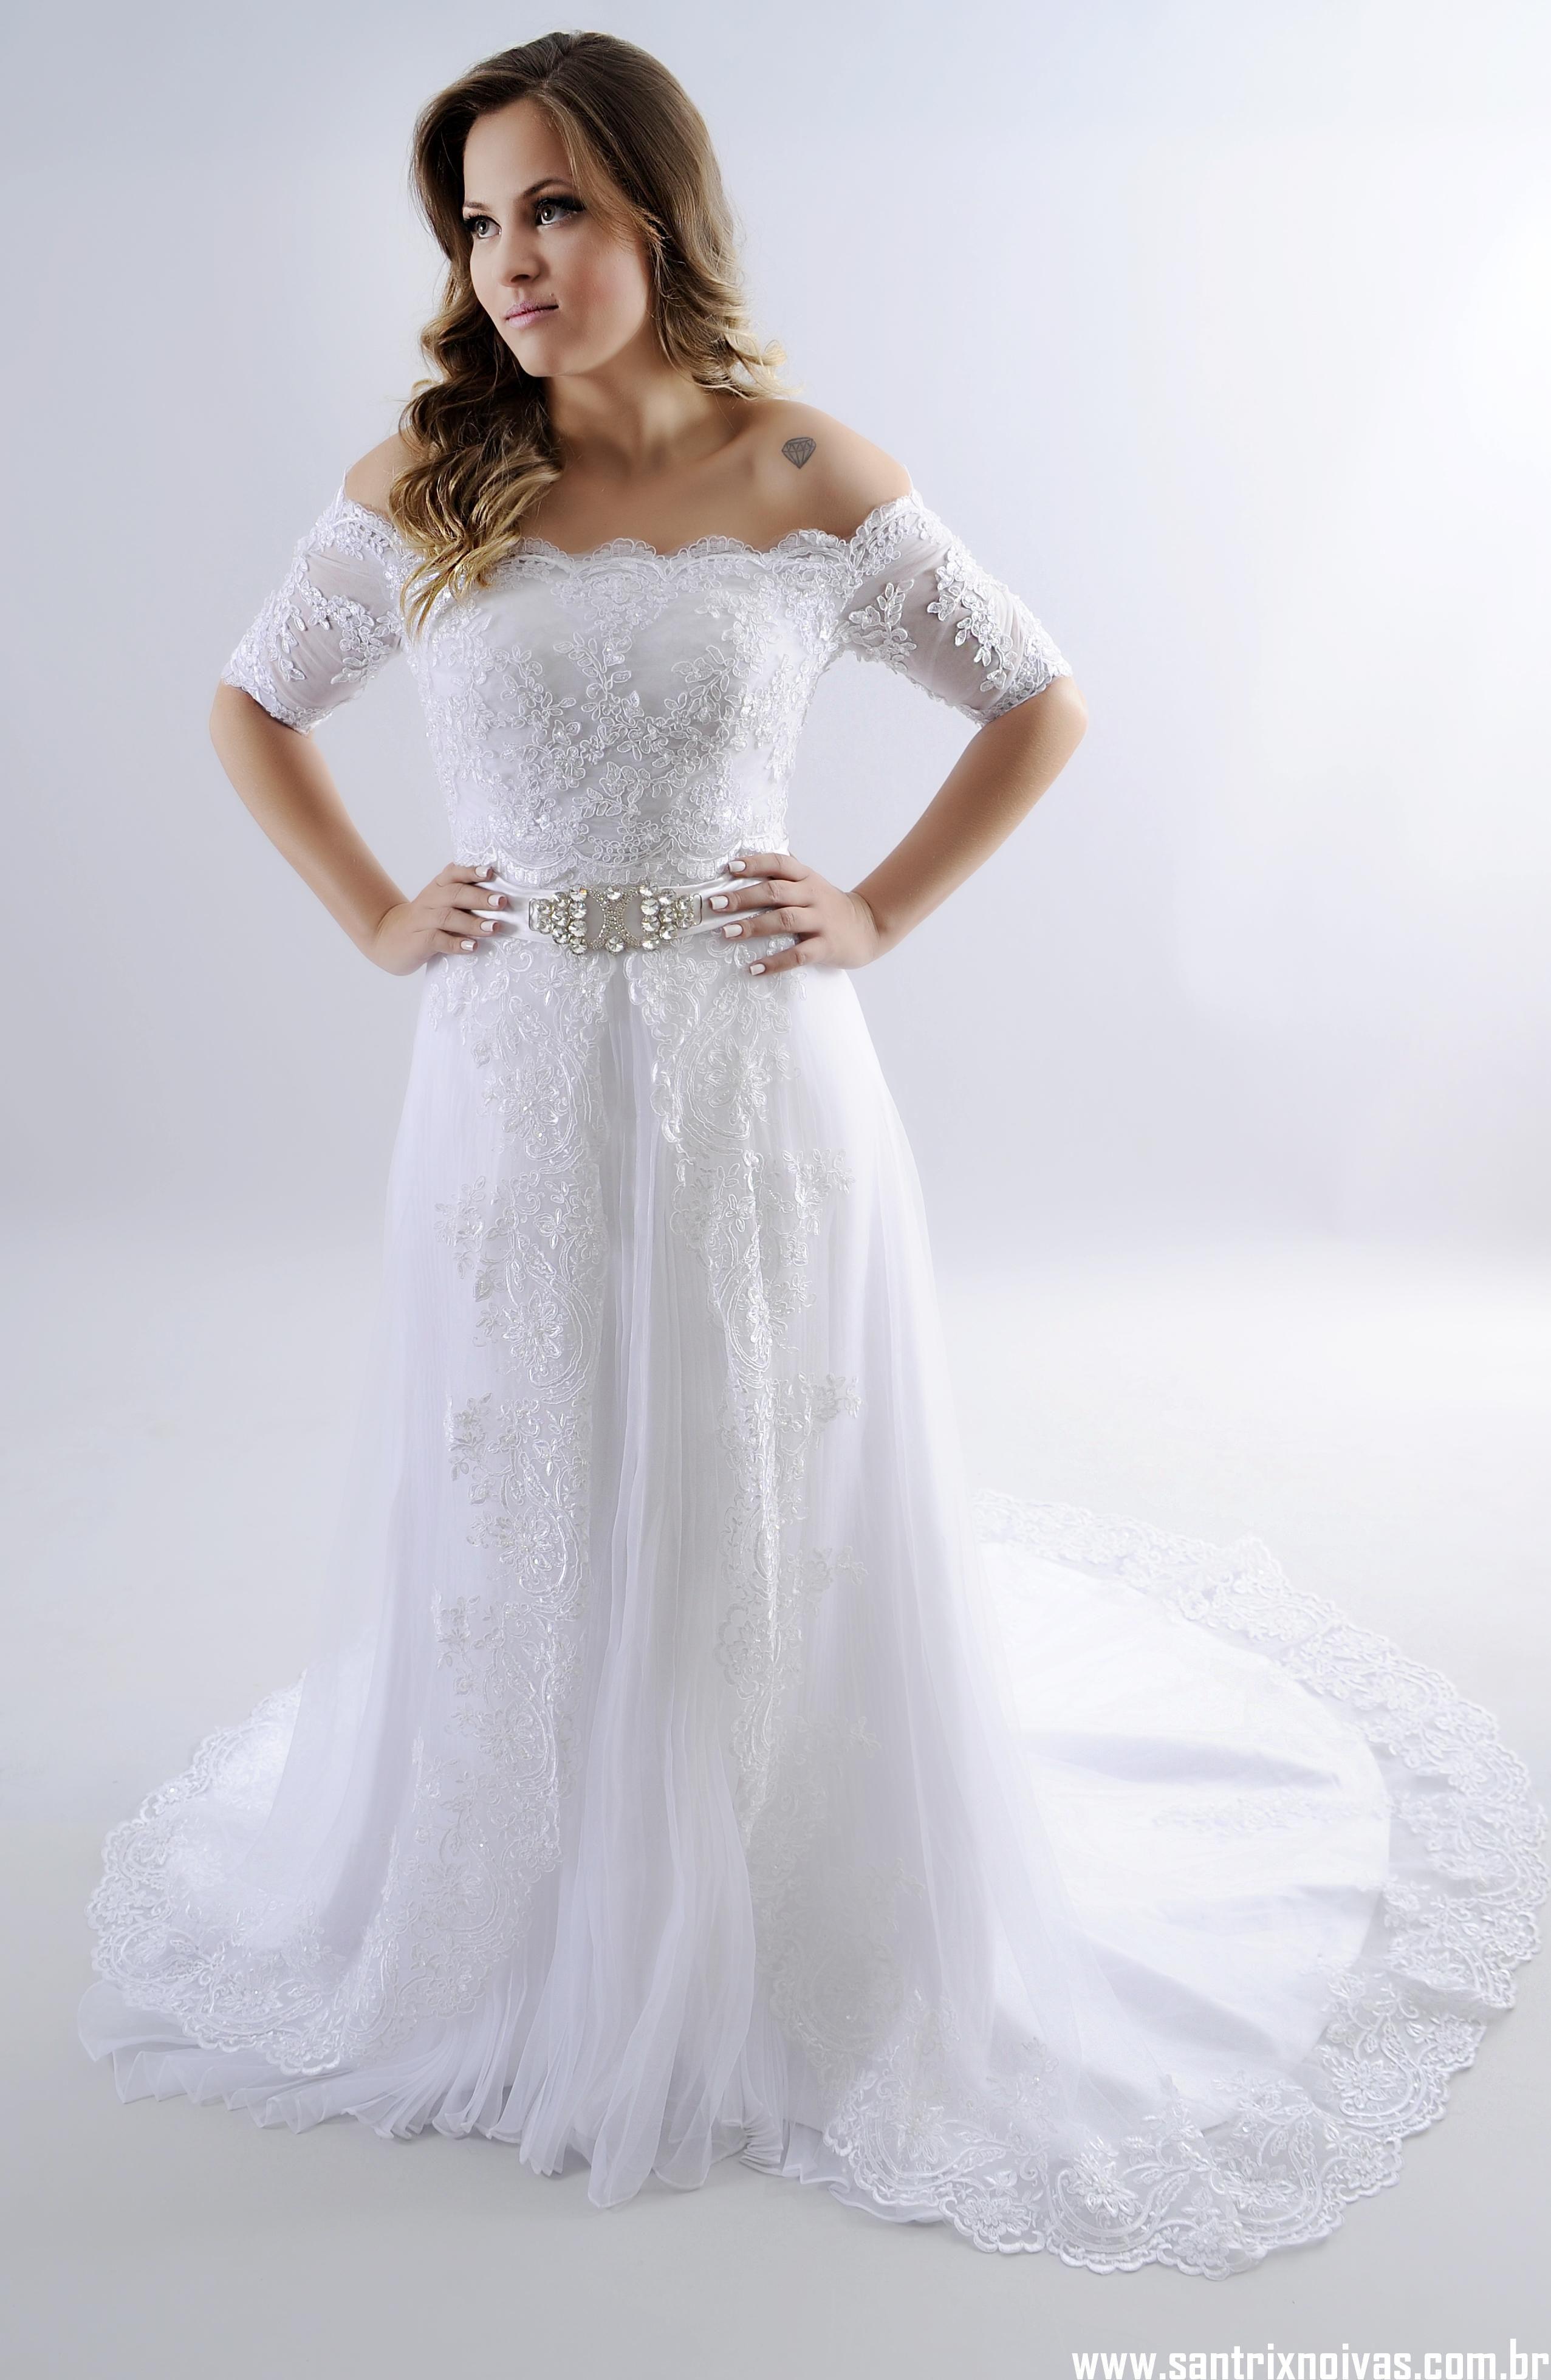 fd422a145 Vestido de Noiva Imperial em Renda - Aluguel ou Venda   Santrix Noivas